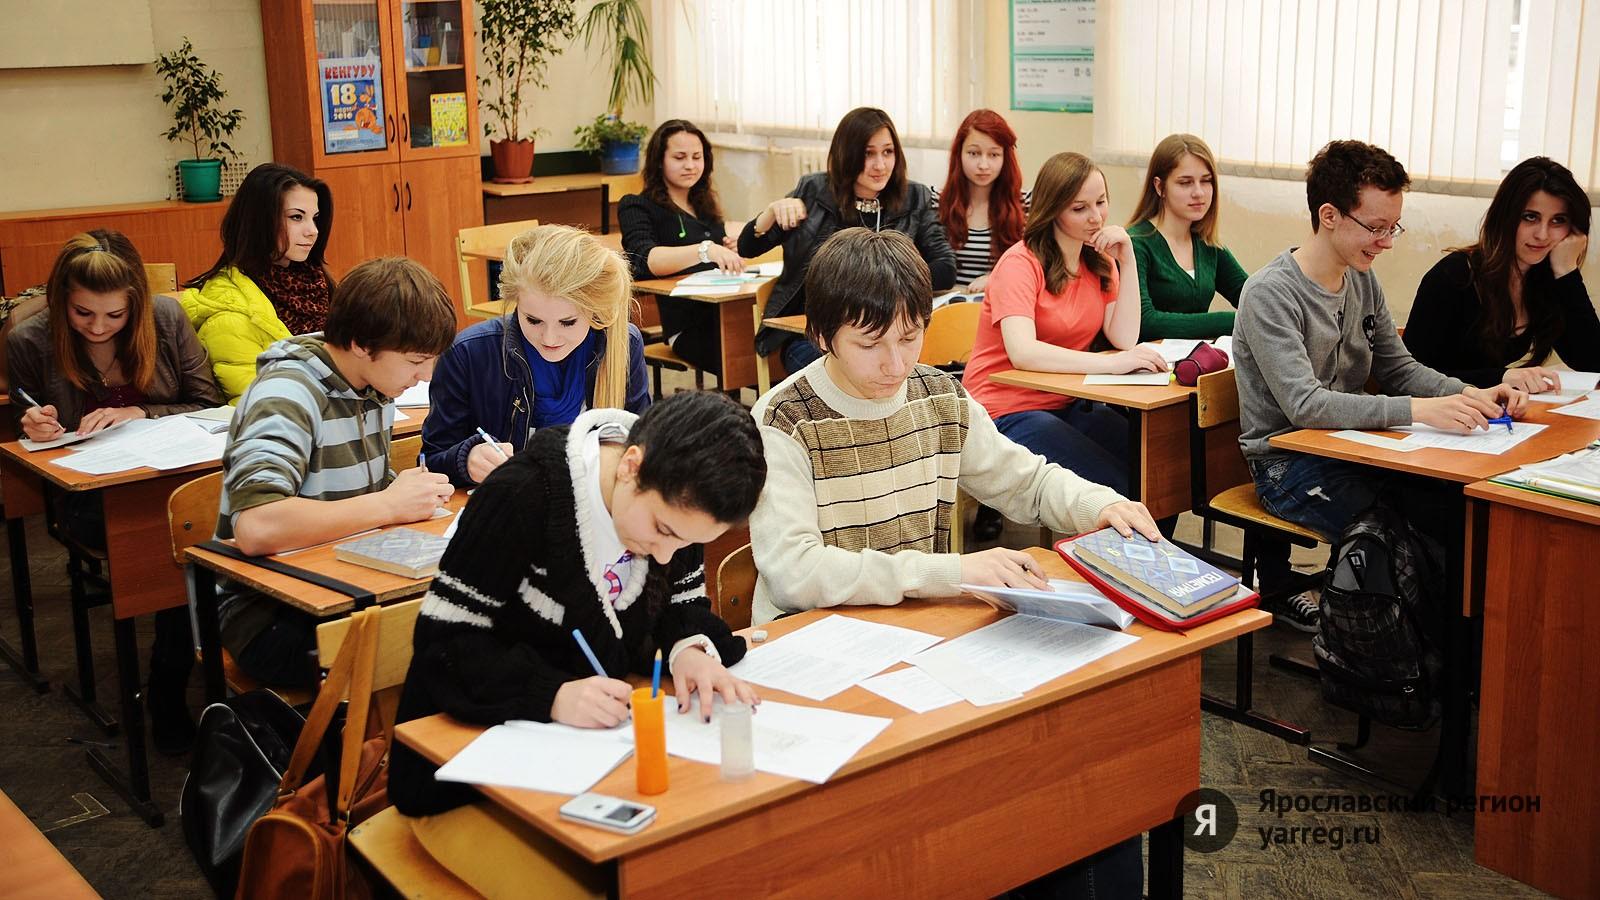 В Ярославле к новому учебному году готовы 287 образовательных учреждений